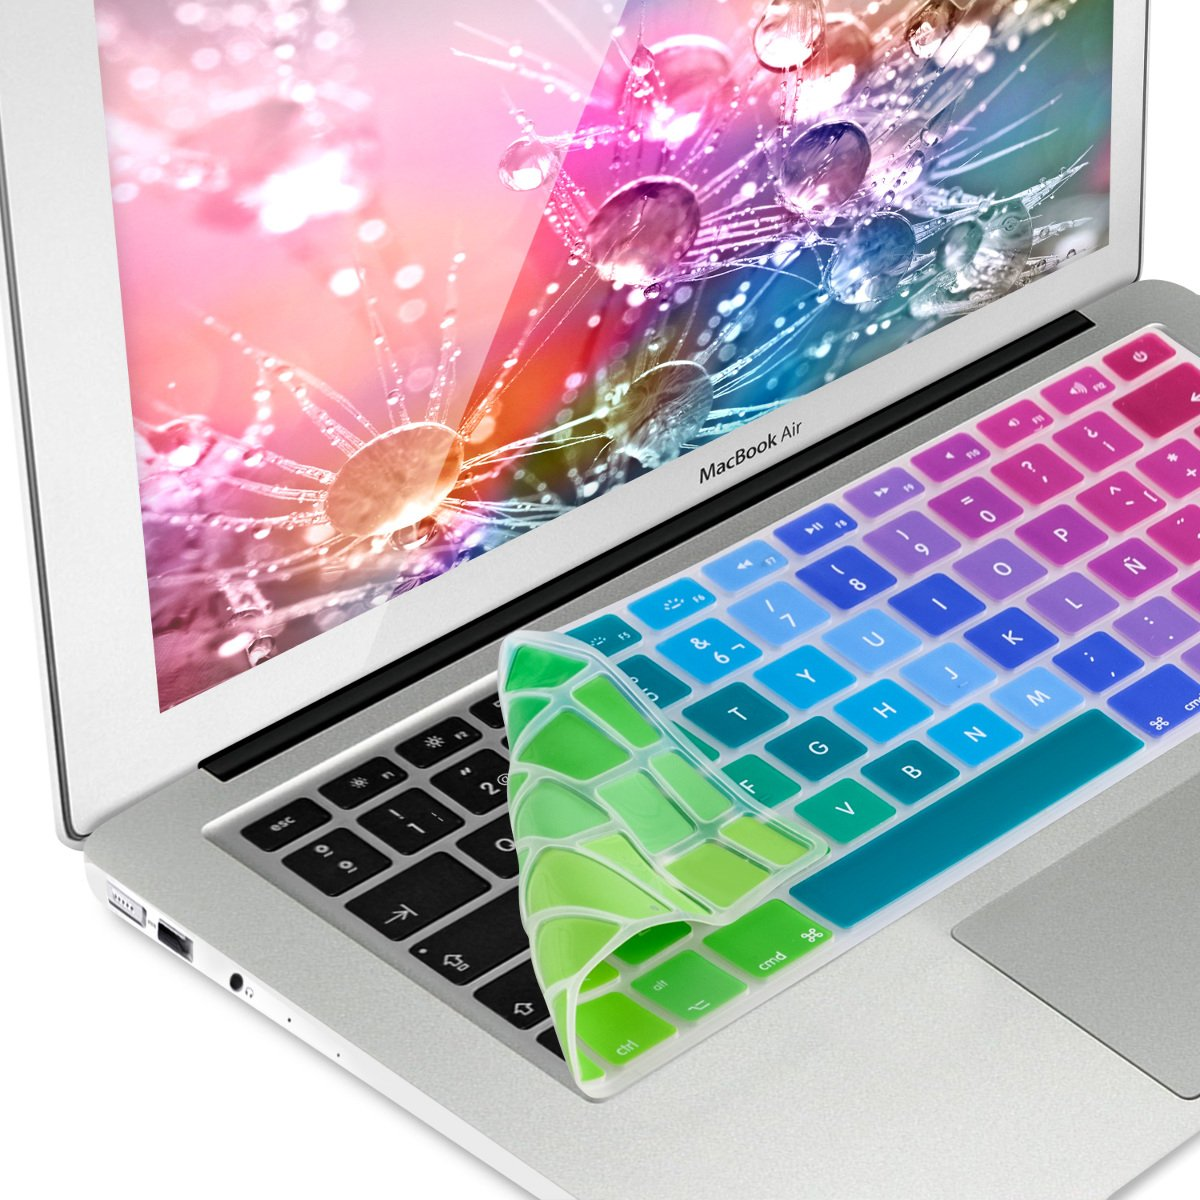 kwmobile Silikon Tastaturschutz QWERTY f/ür Apple MacBook Air 13// Pro Retina 13// 15 ES im Farbverlauf Design Mehrfarbig Gr/ün Blau bis Mitte 2016